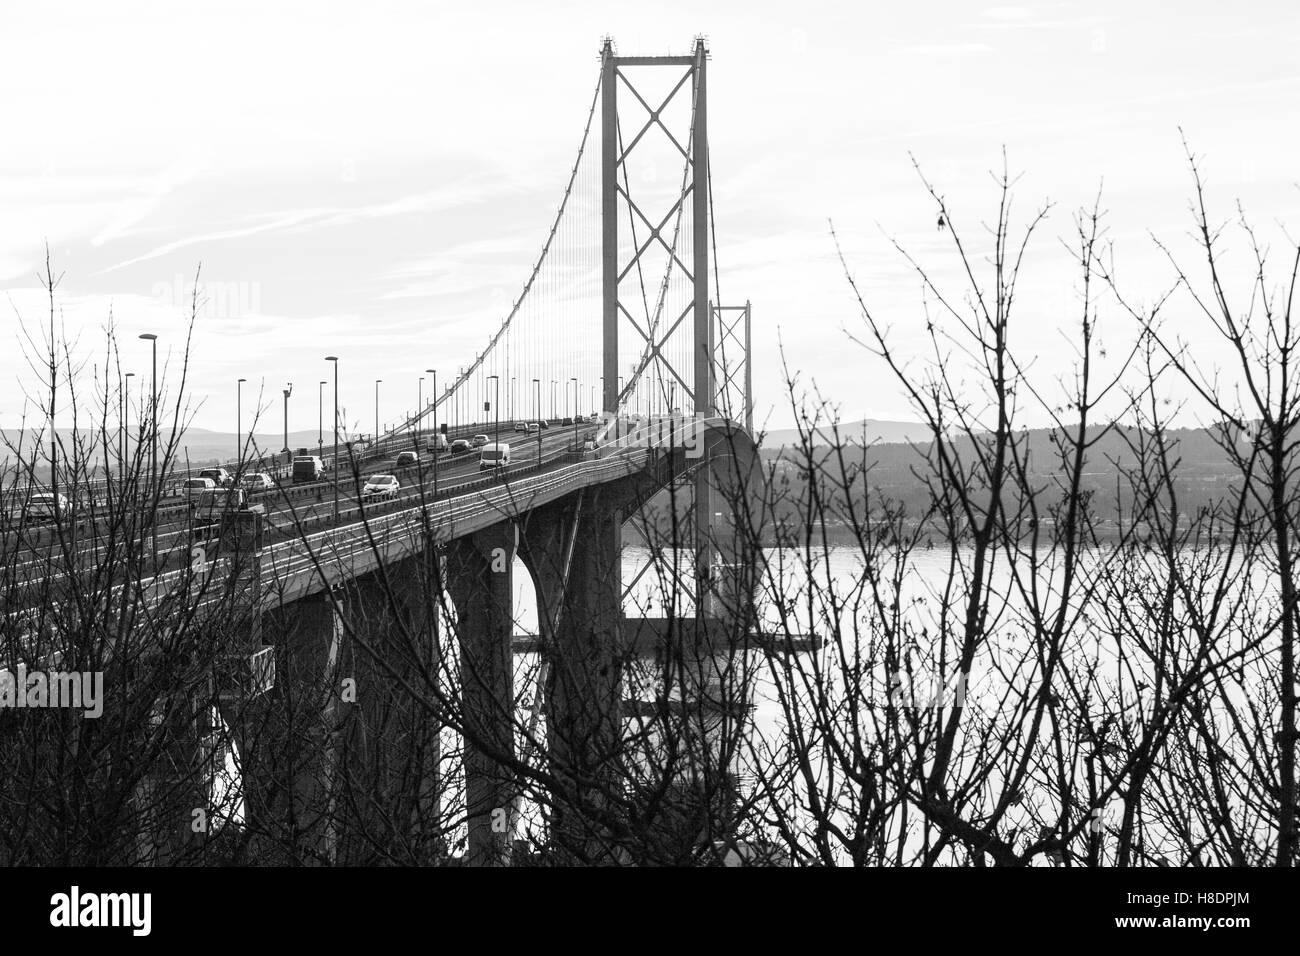 Queensferry, Edinburgh, Ecosse, 11 septembre, novembre, 2016. Forth Bridges. L'actuel pont de Forth Road est toujours en tenant le trafic tandis que le deuxième pont-route est en voie d'achèvement. Phil Hutchinson/Alamy Live News Banque D'Images